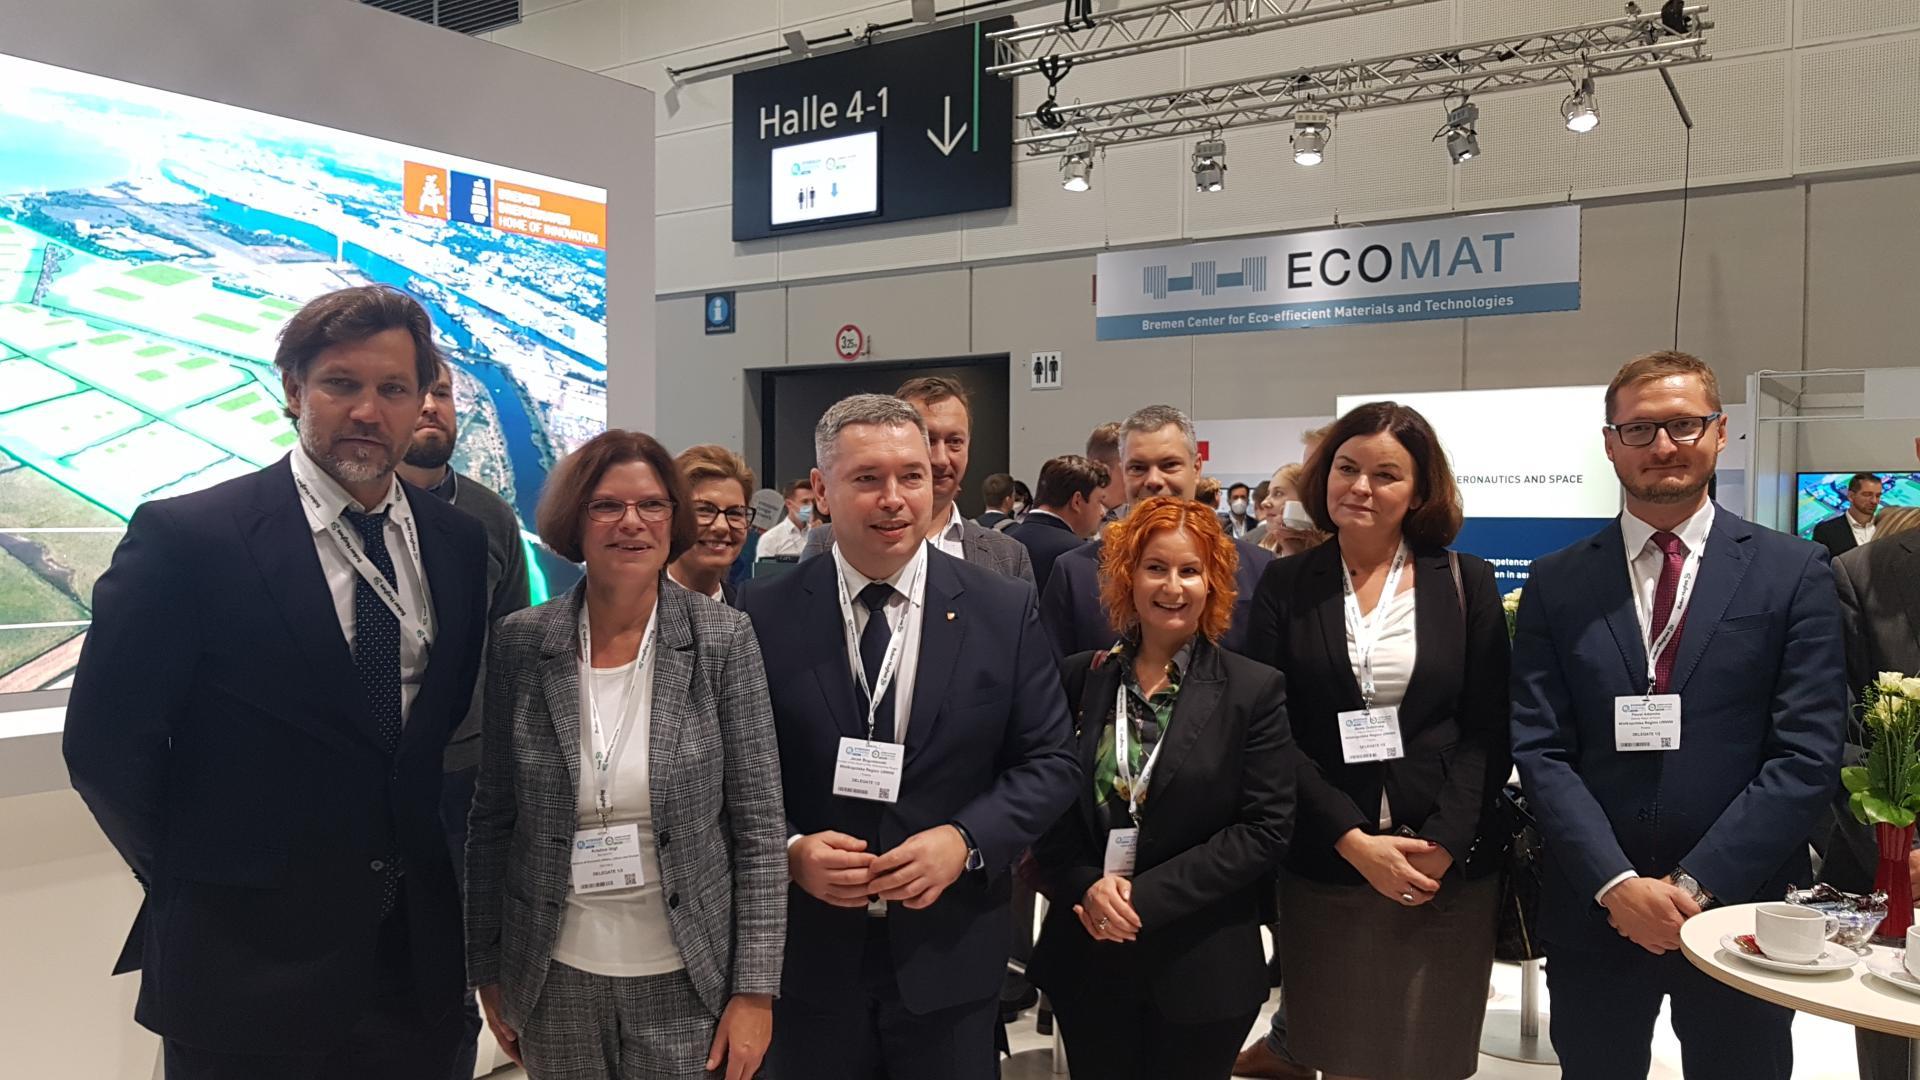 Wielkopolska delegacja na wydarzeniu Hydrogen Technology Expo Europe w Bremie - zobacz więcej